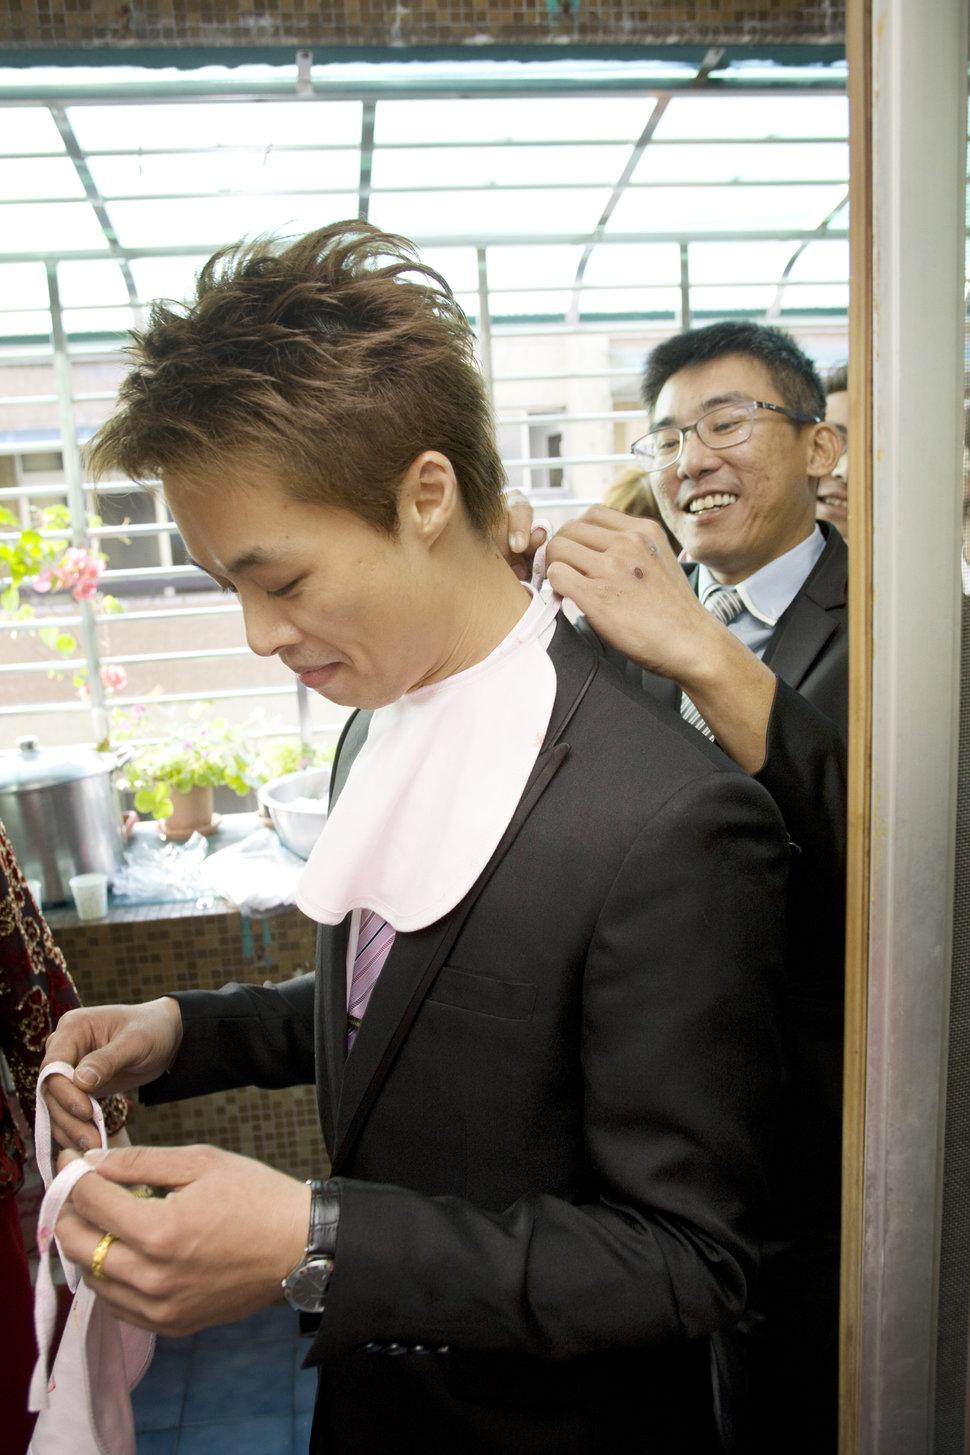 蓓麗宛婚禮時尚(編號:541452) - 蓓麗宛婚禮時尚《結婚吧》